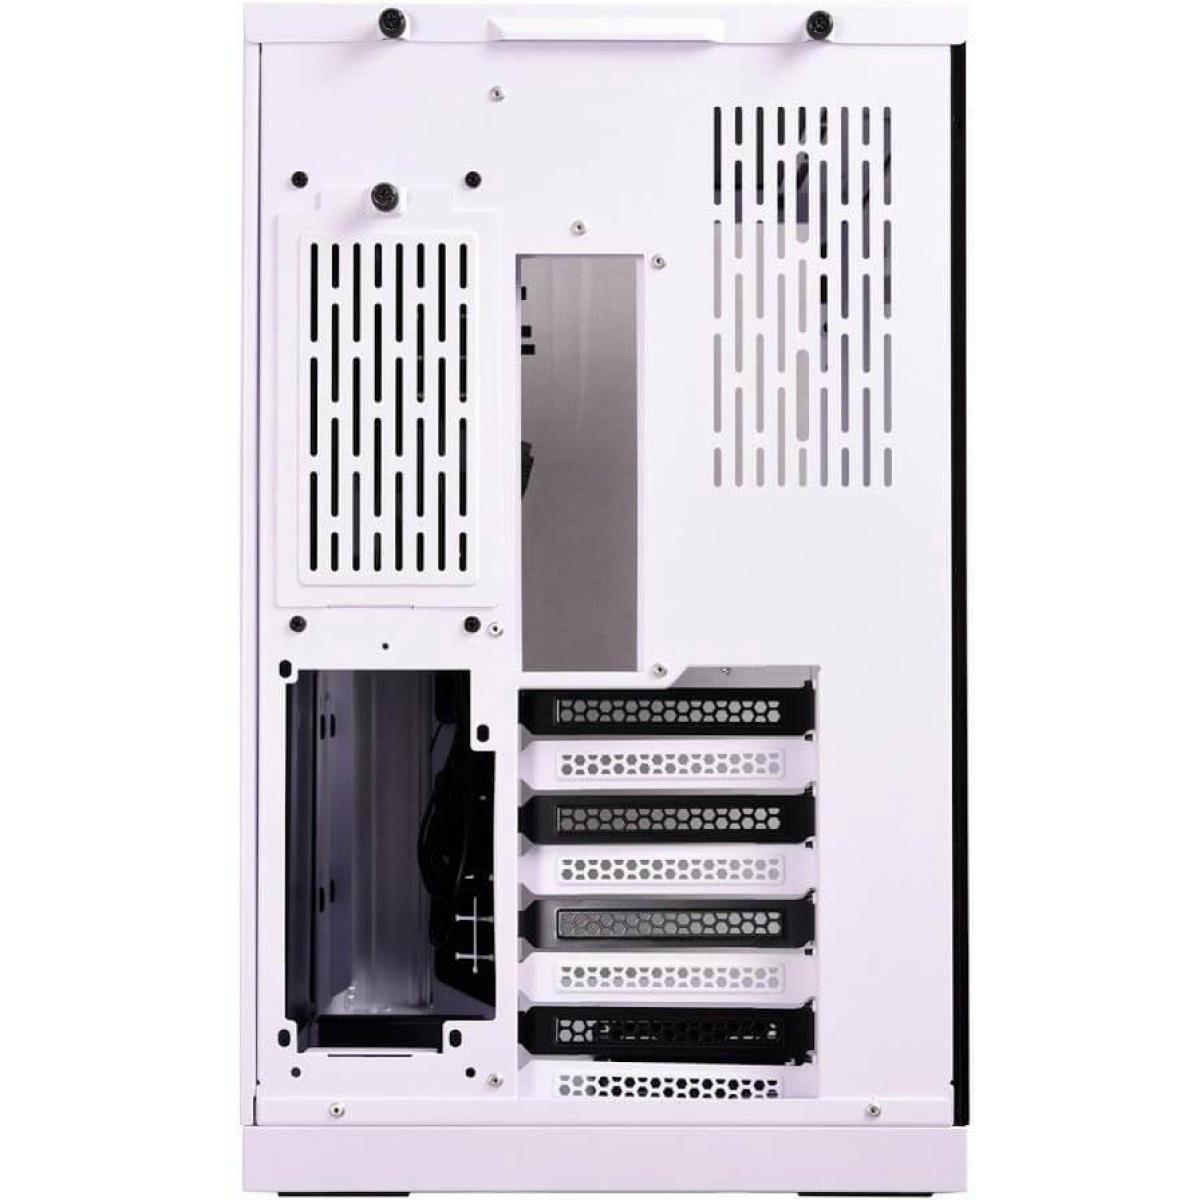 Gabinete Gamer Lian Li Dynamic, Mid Tower, Vidro Temperado, White, Sem Fonte, Sem Fan, PC-O11DX